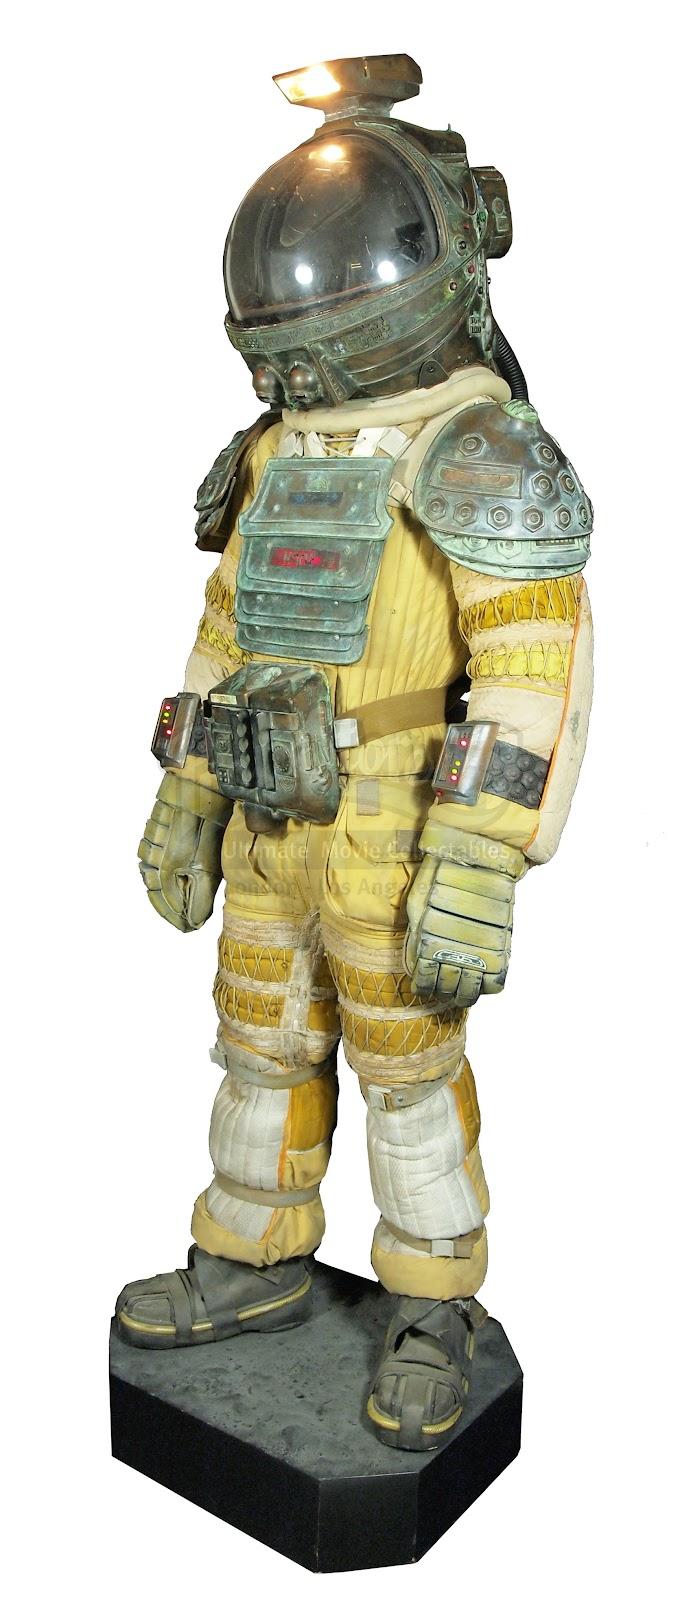 dallas alien 1979 space suit - photo #21